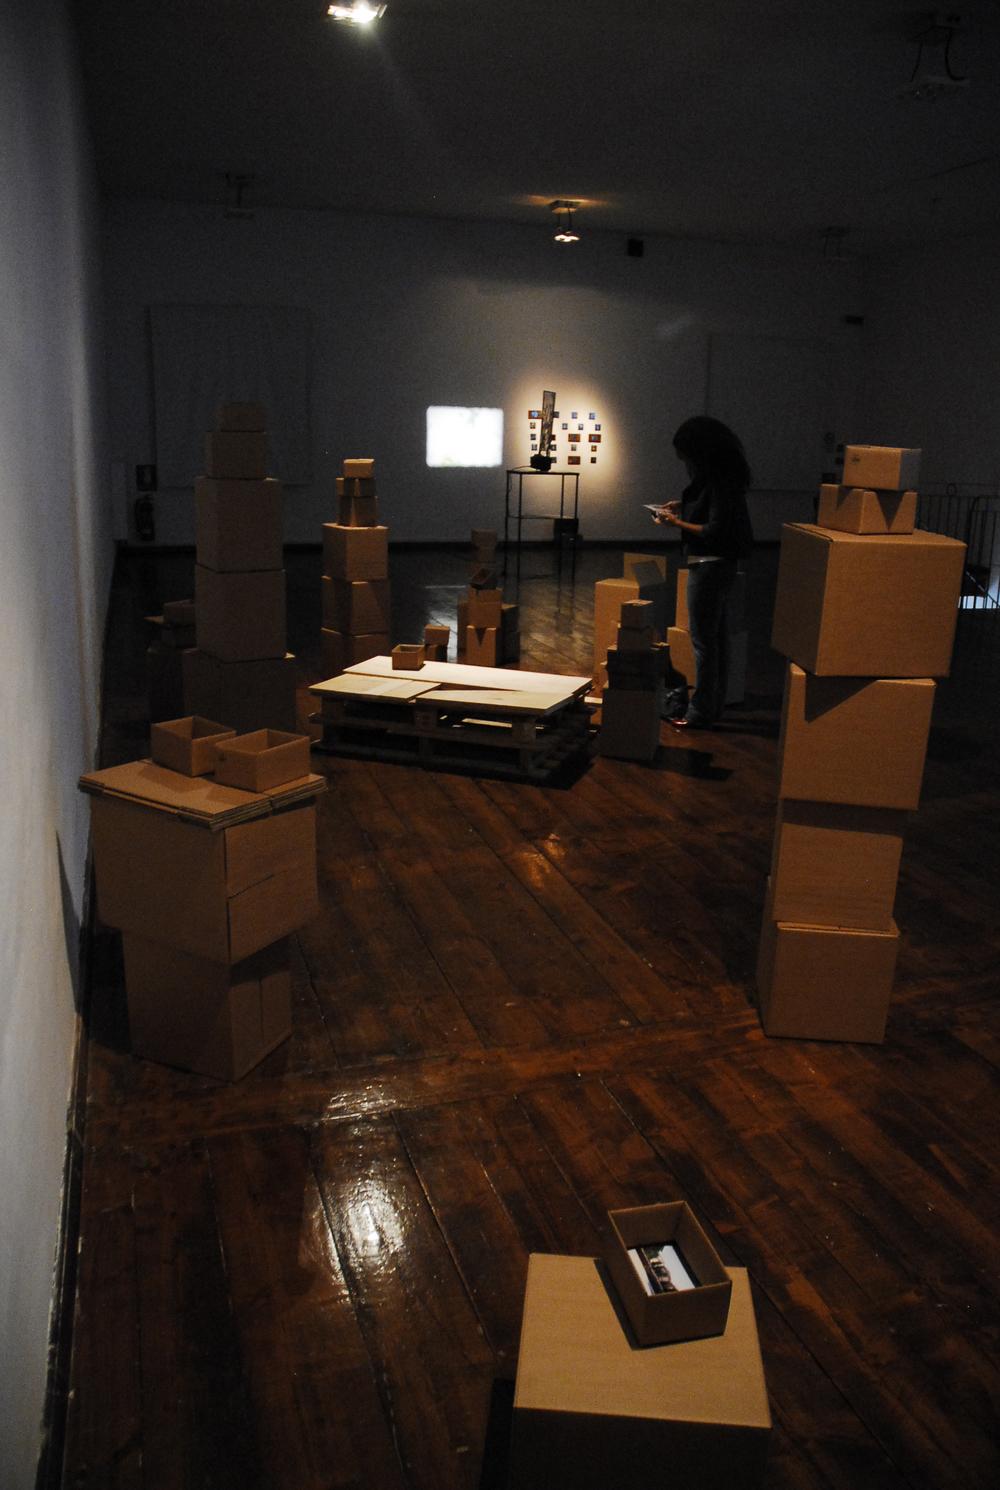 (Installation view) Jamais Vu, 2010 Contemporary Art Pavilion, Ferrara, Italy